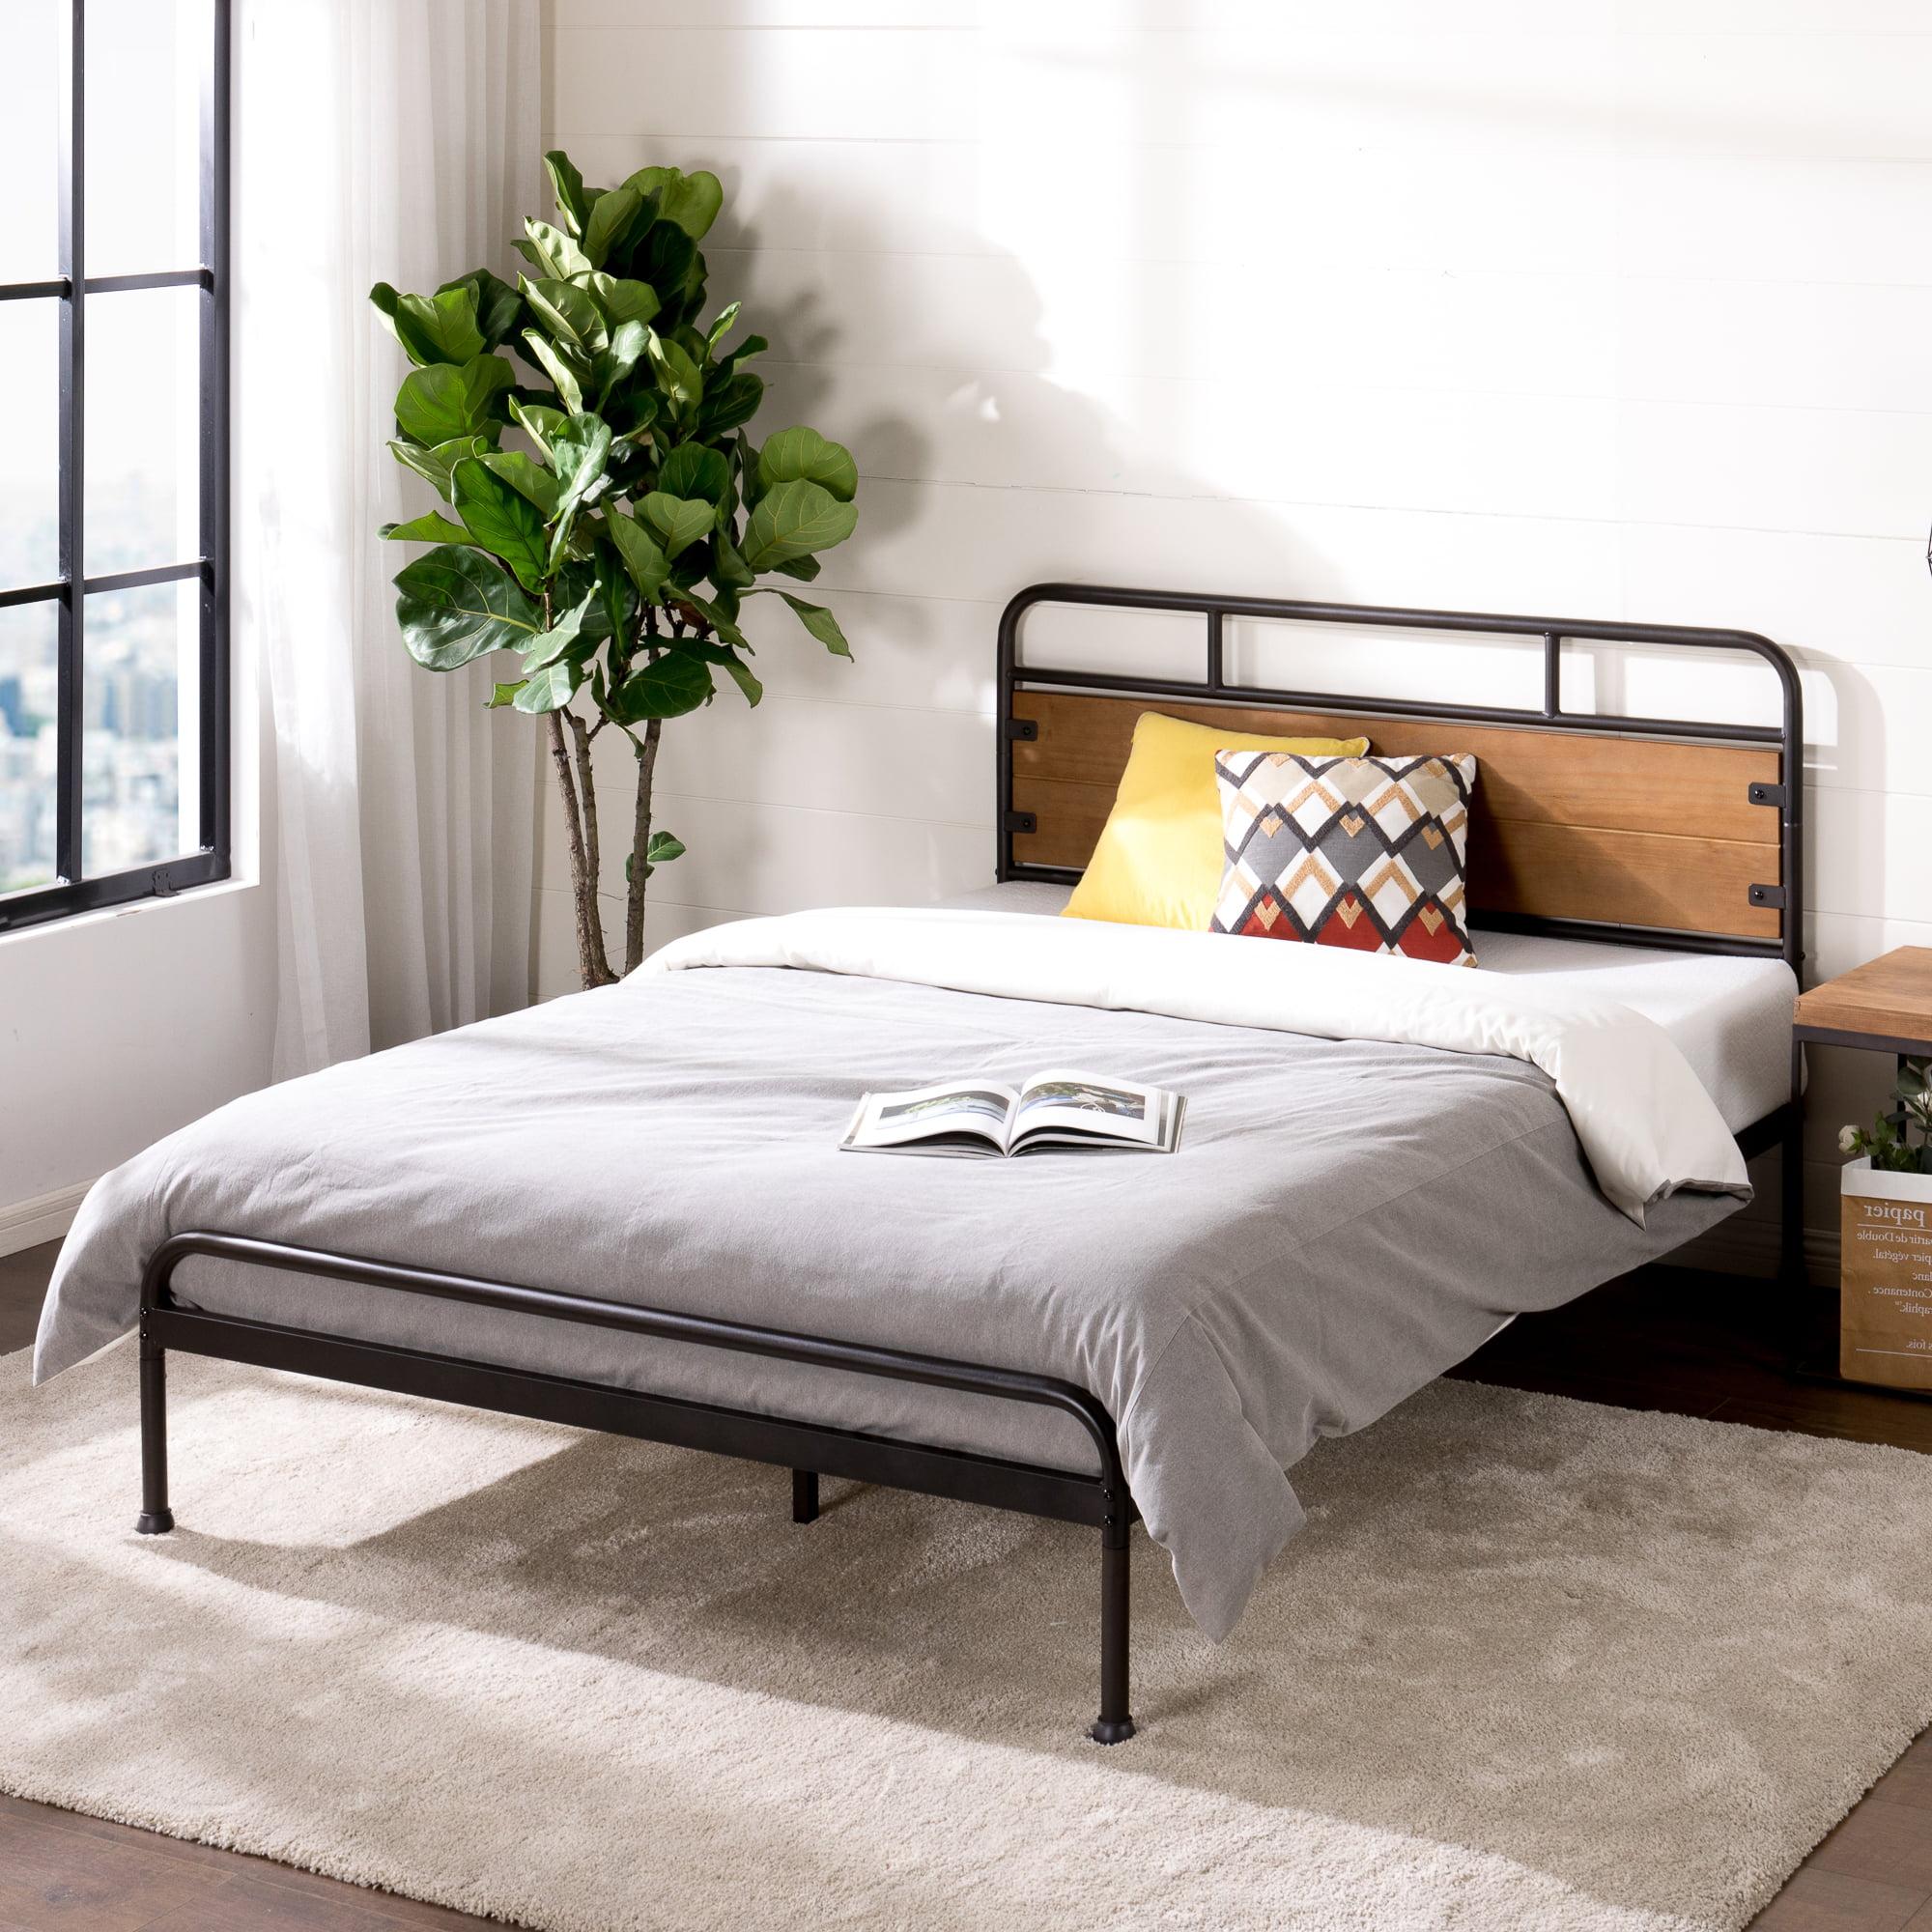 Zinus Eli 41 Metal And Wood Platform Bed Queen Walmart Com Walmart Com